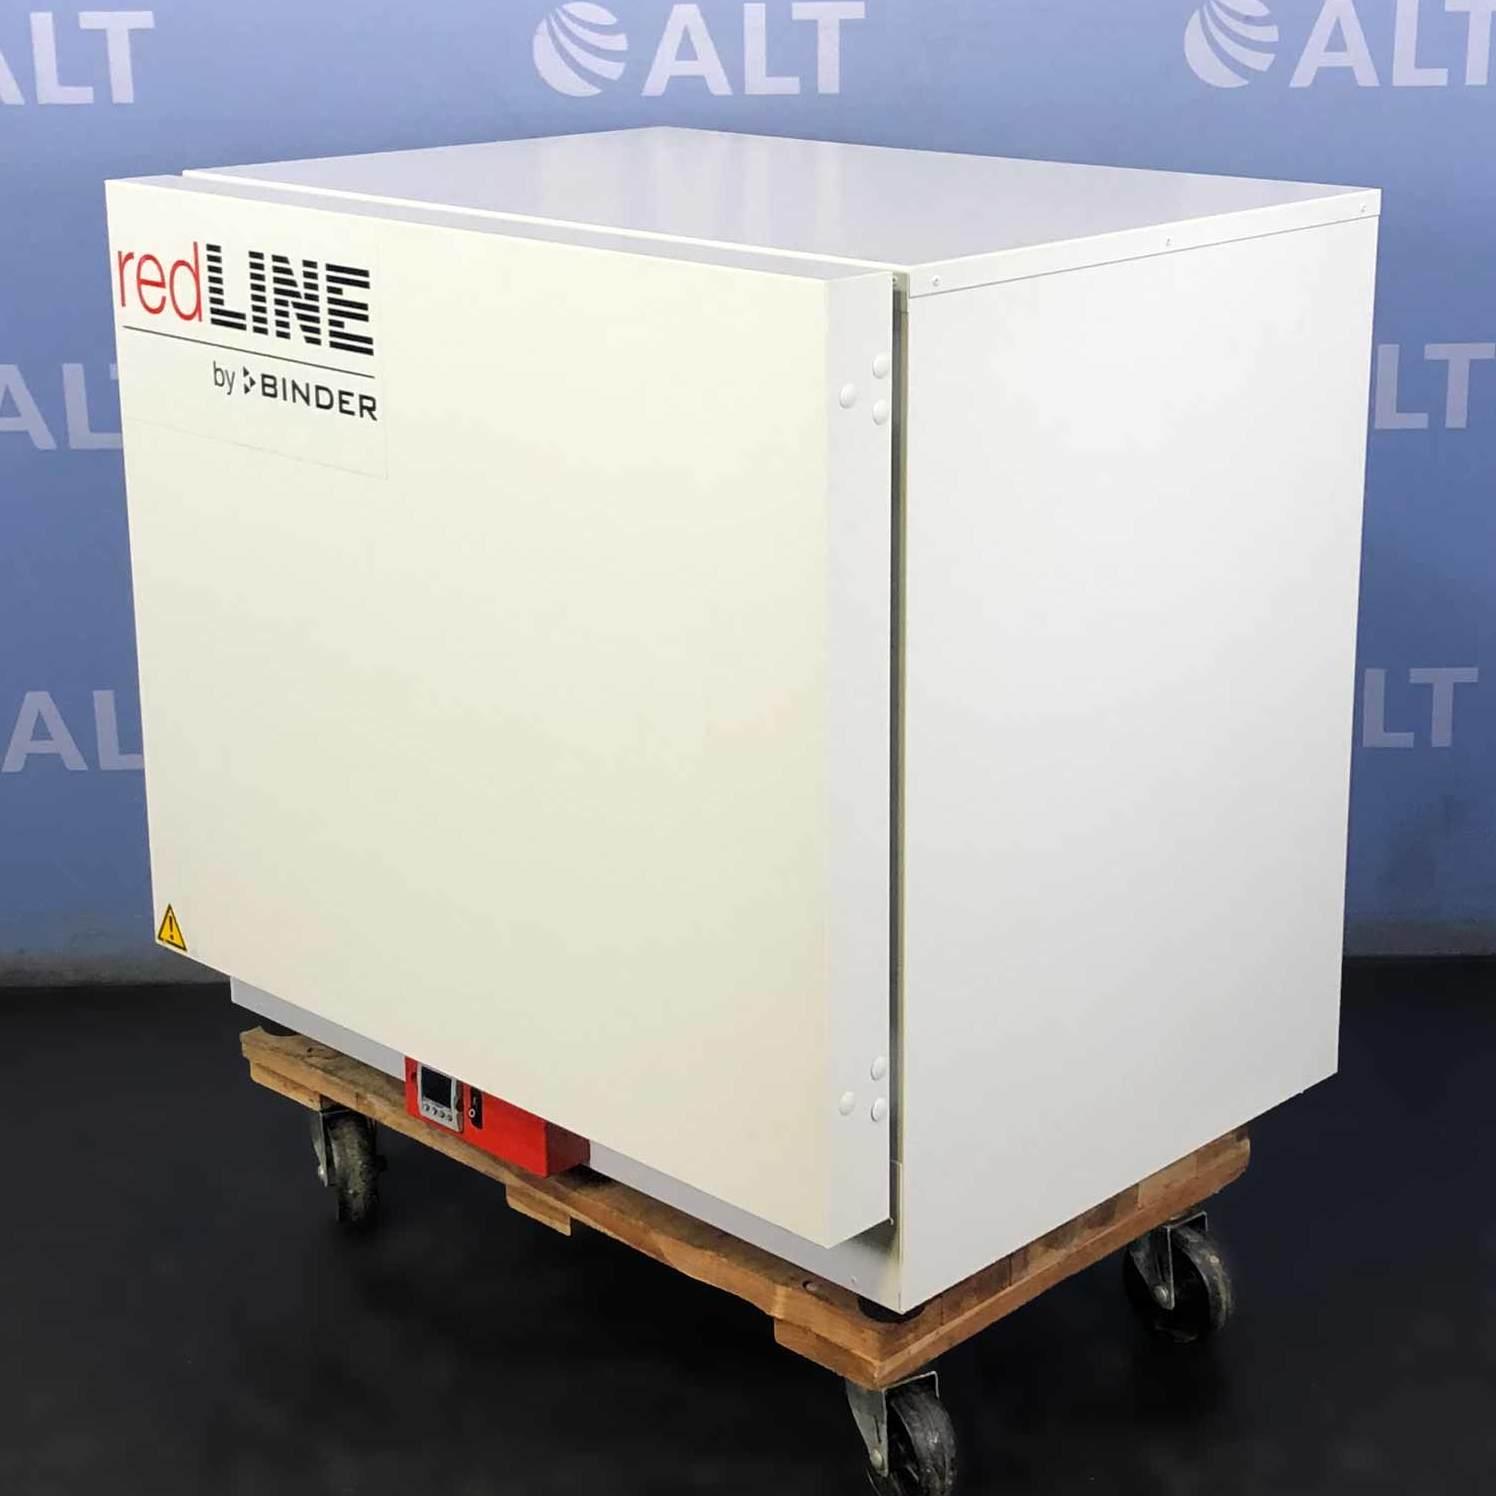 Binder redLINE Incubator Model RI 115-U Image